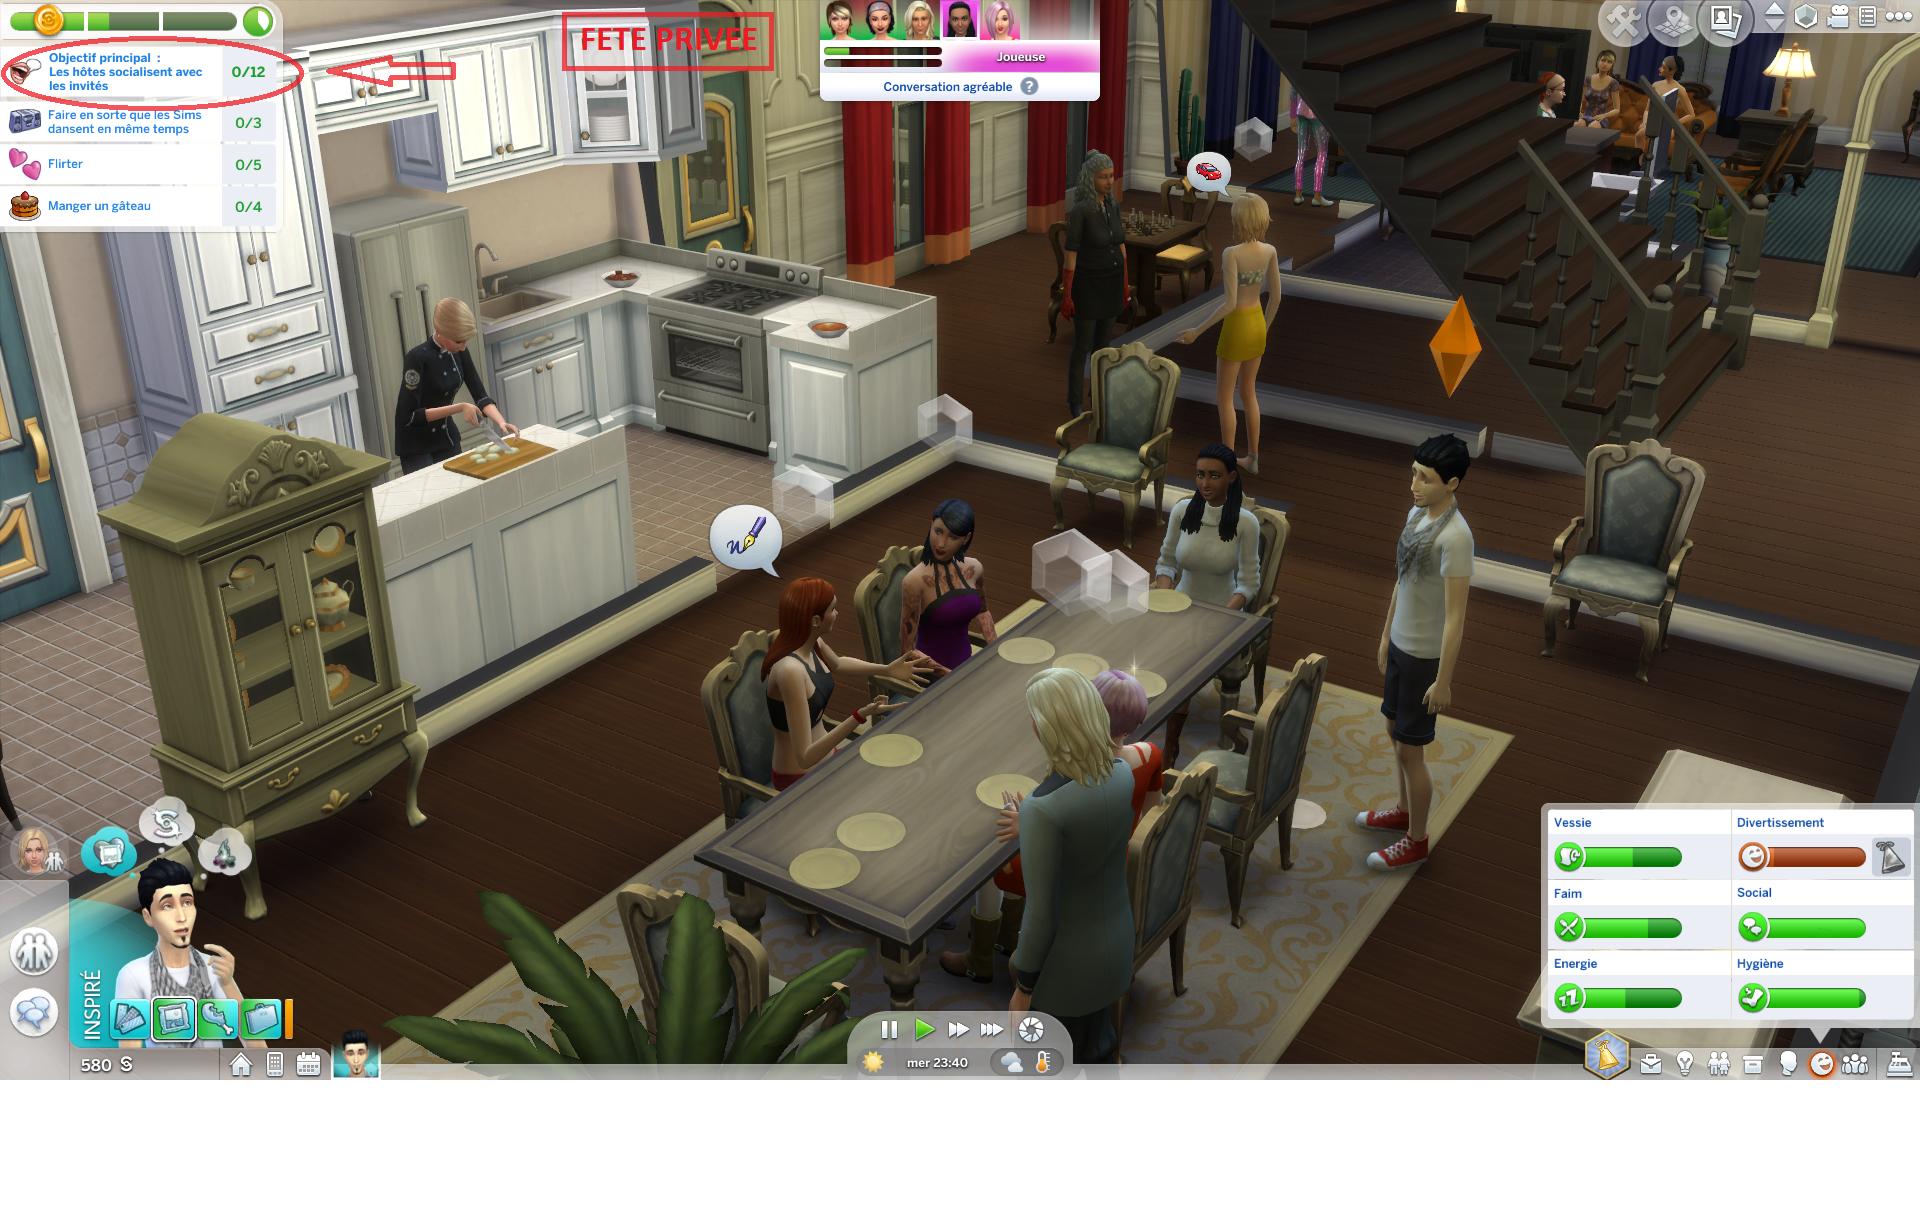 meilleur rencontres Sims jeux pour PC rencontres téléphone jeux